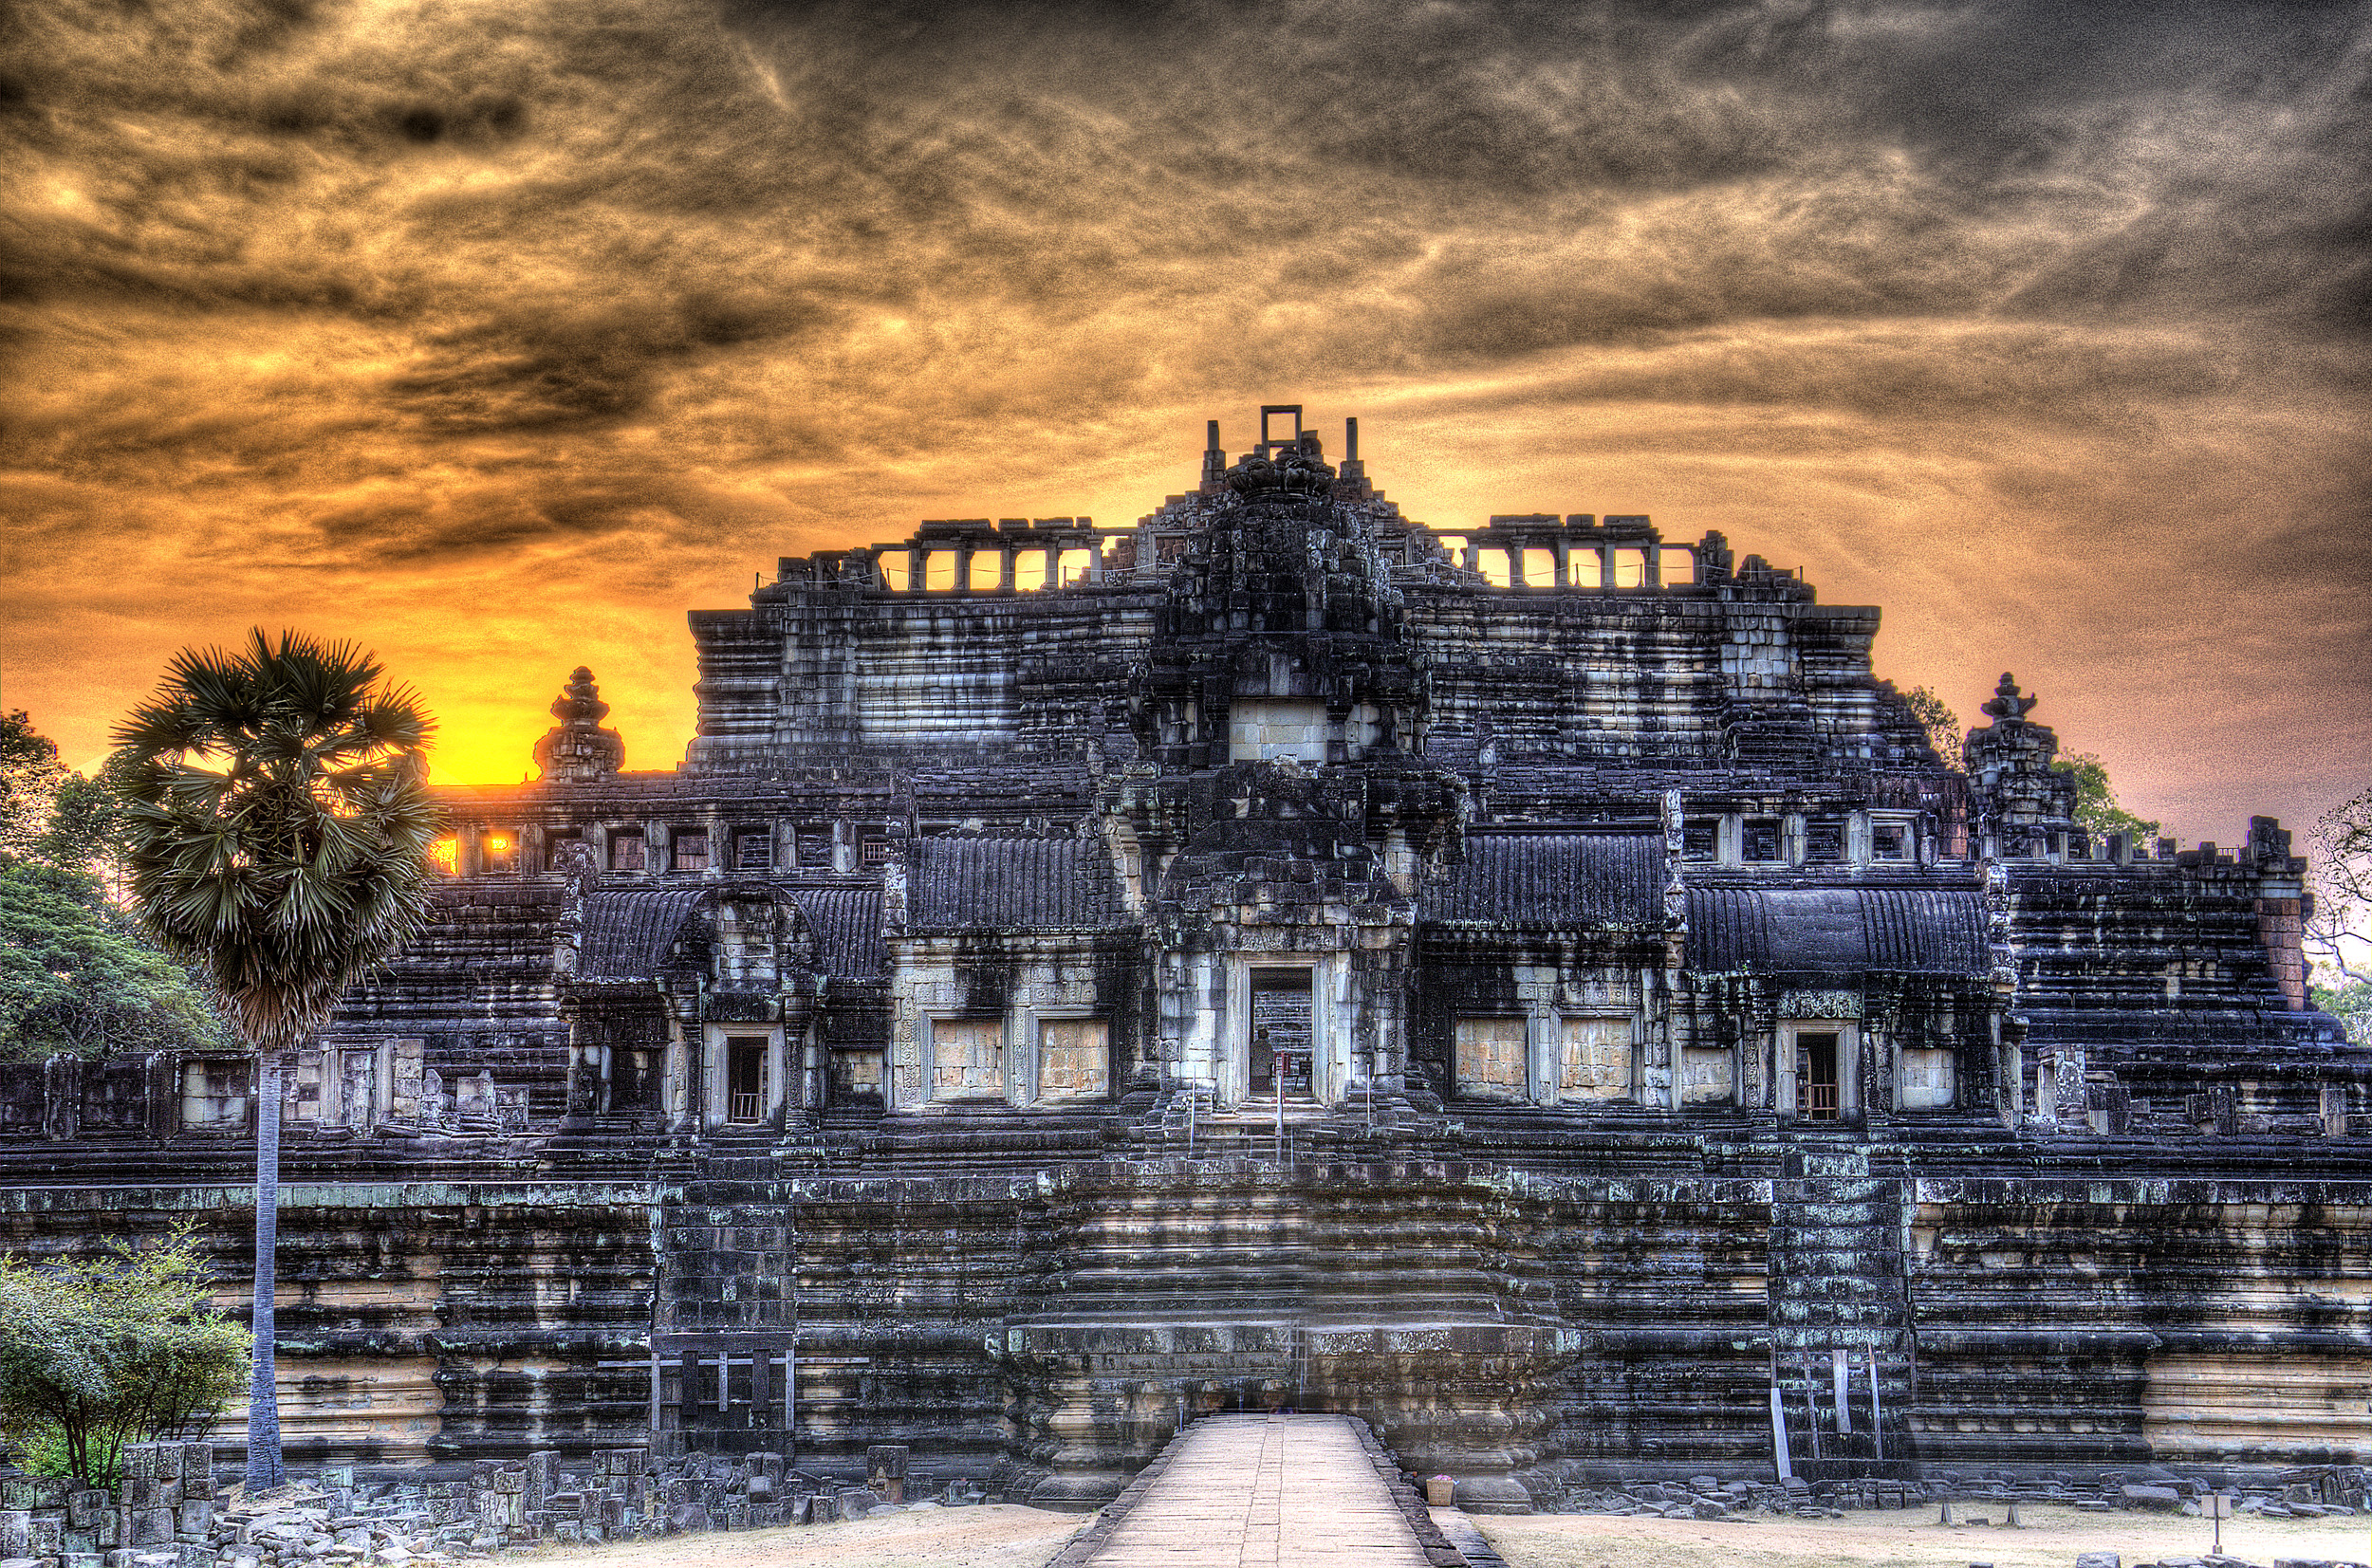 The King's Promenade at Angkor